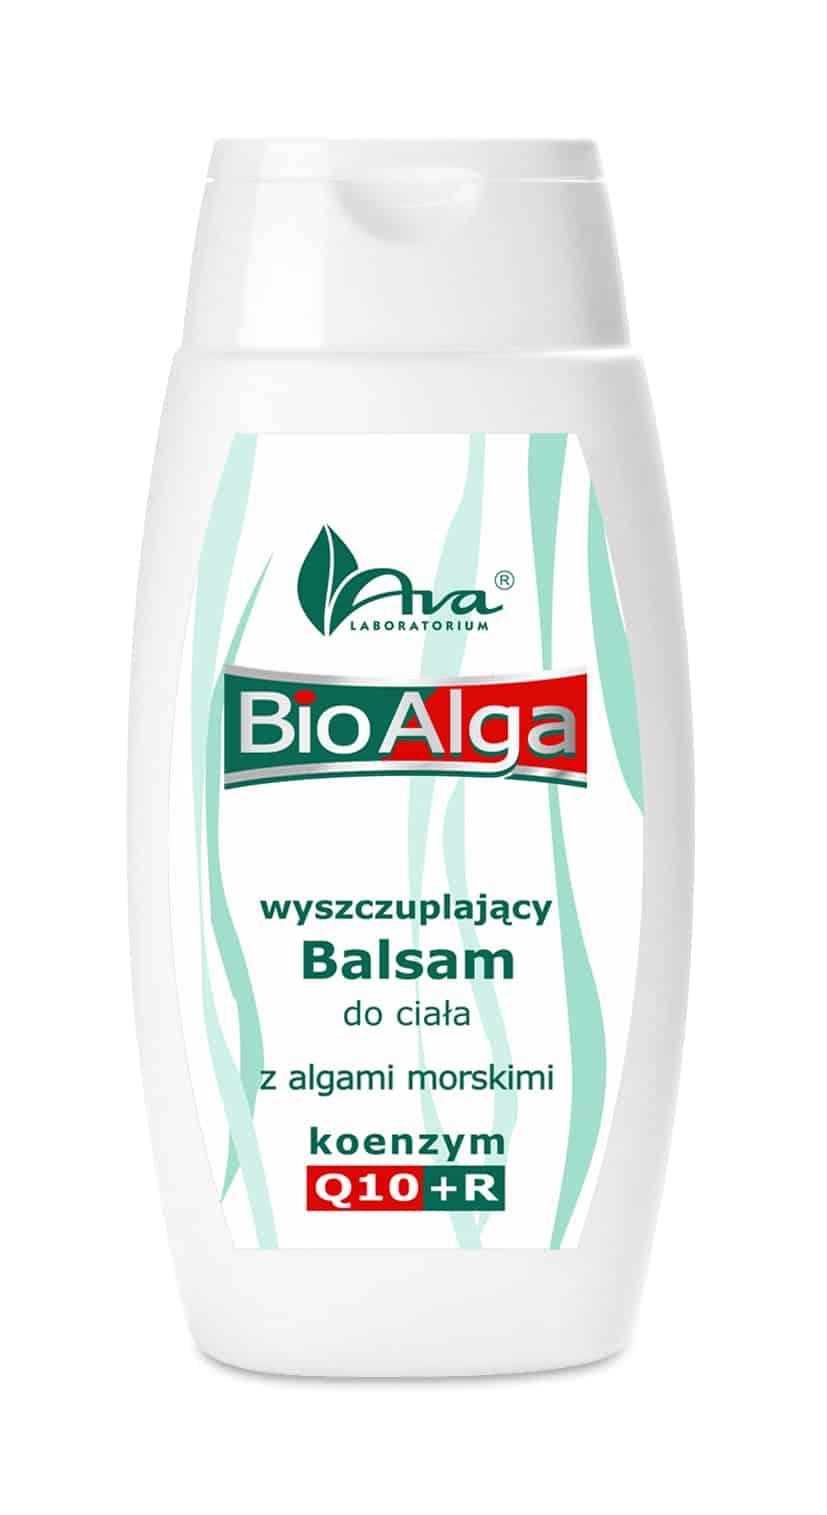 Bio Alga_balsam do ciala 2013